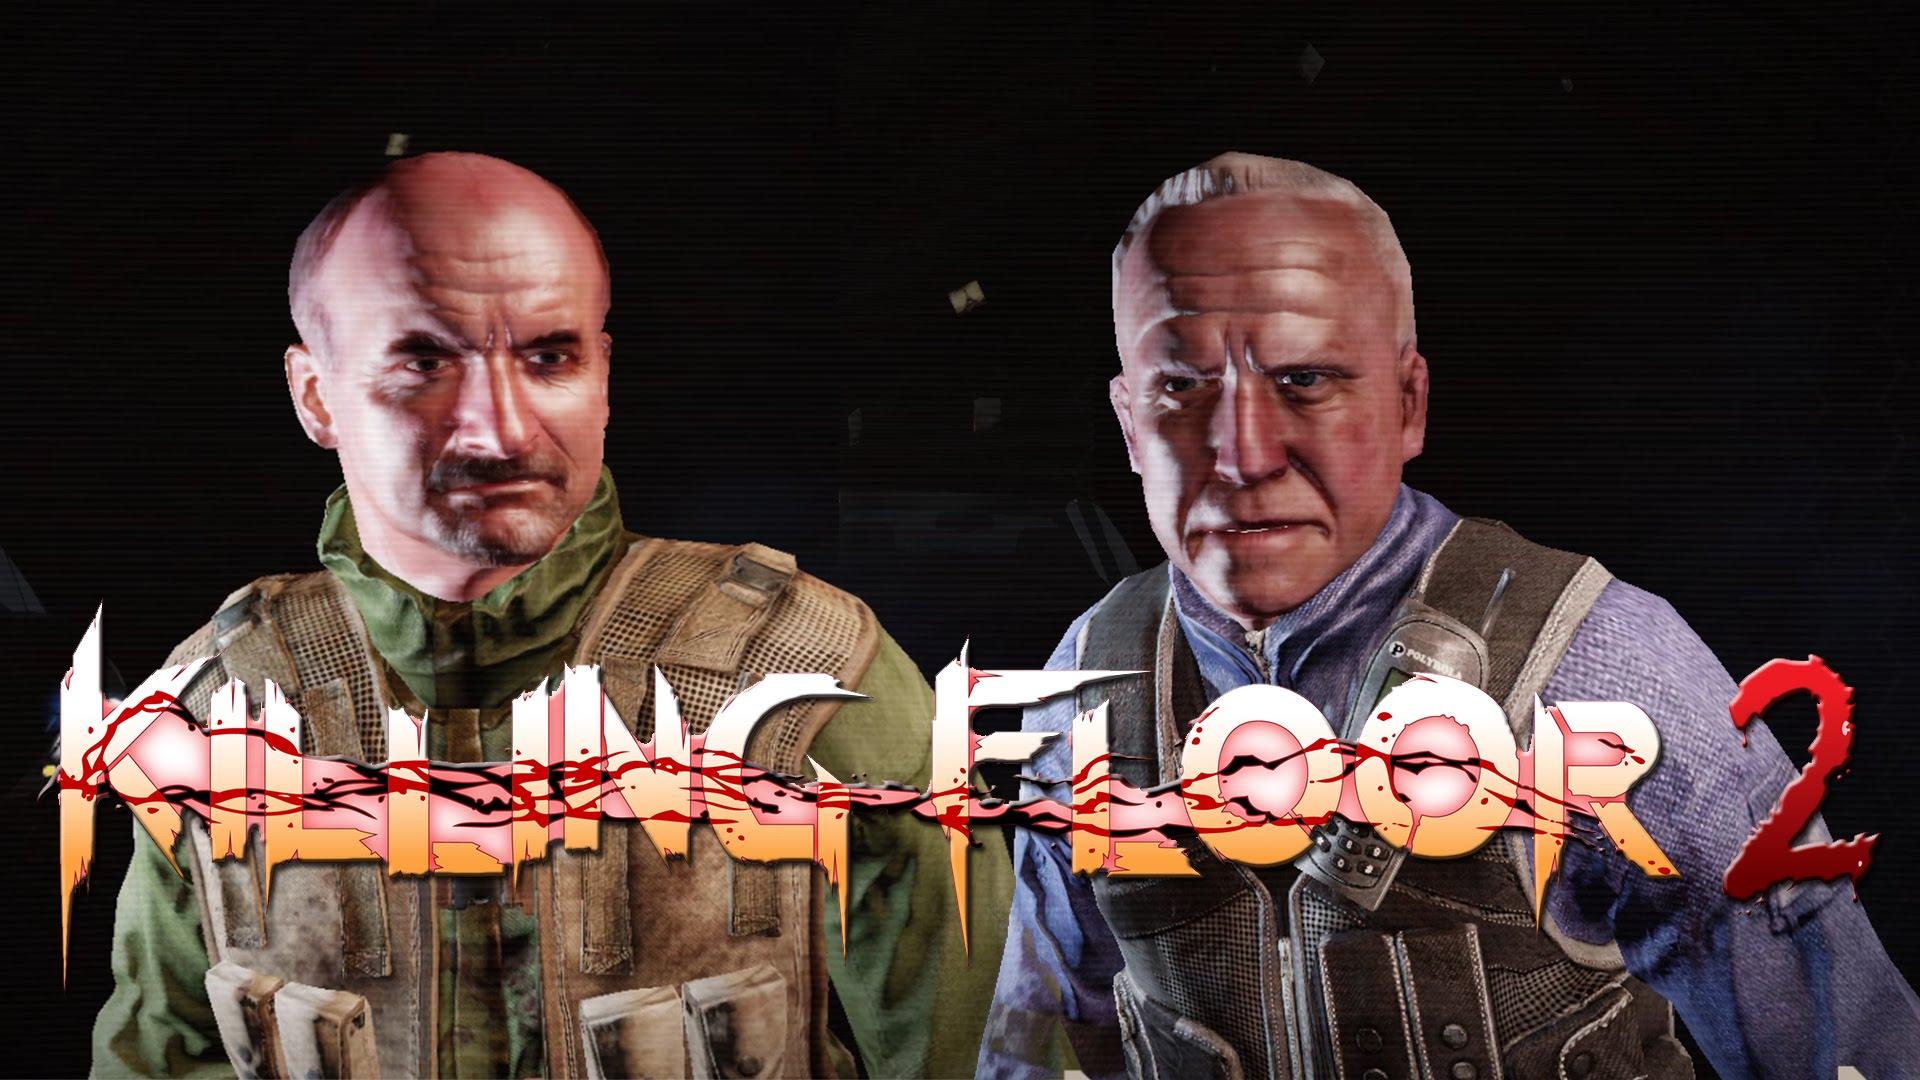 Jak šel čas s Killing Floor 2 aneb první rok v Early Access 11727